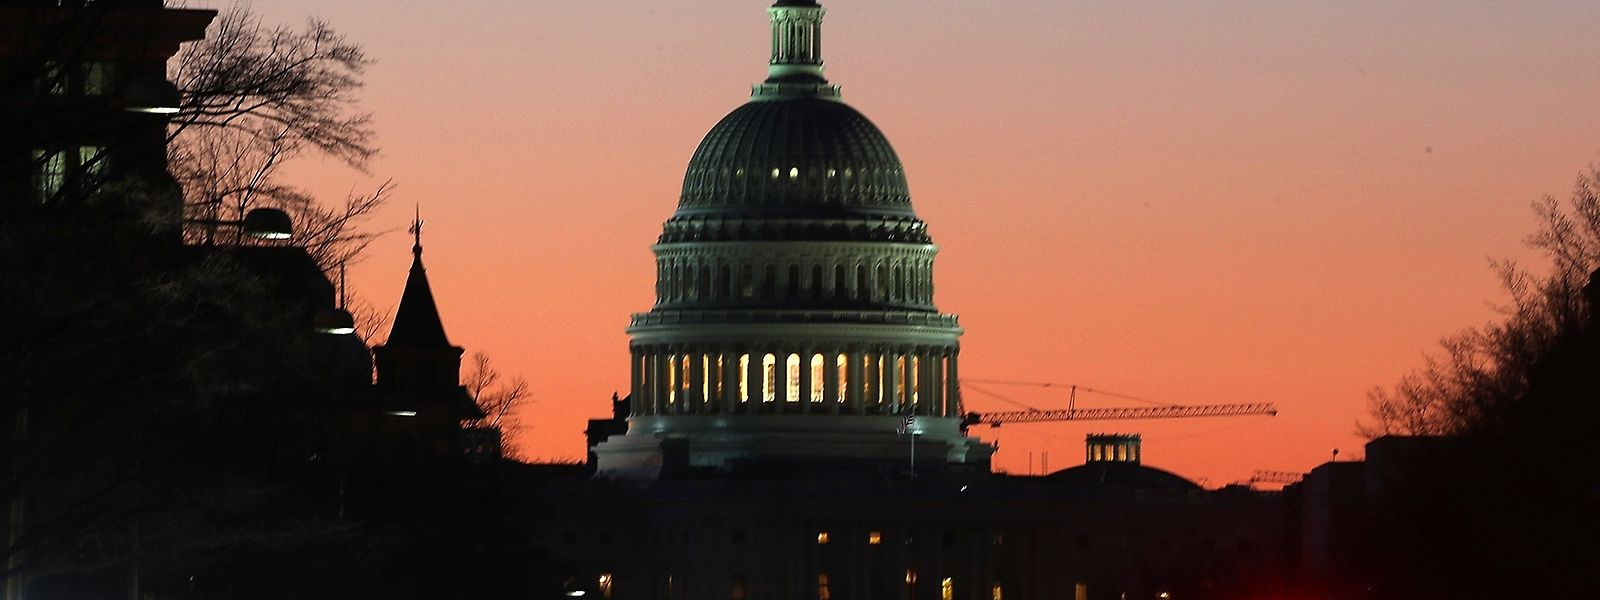 Das Kapitol in der Morgensonne. In der Nacht auf Freitag (MEZ) steht hier die erste wichtige Abstimmung der Trump-Regierung an.